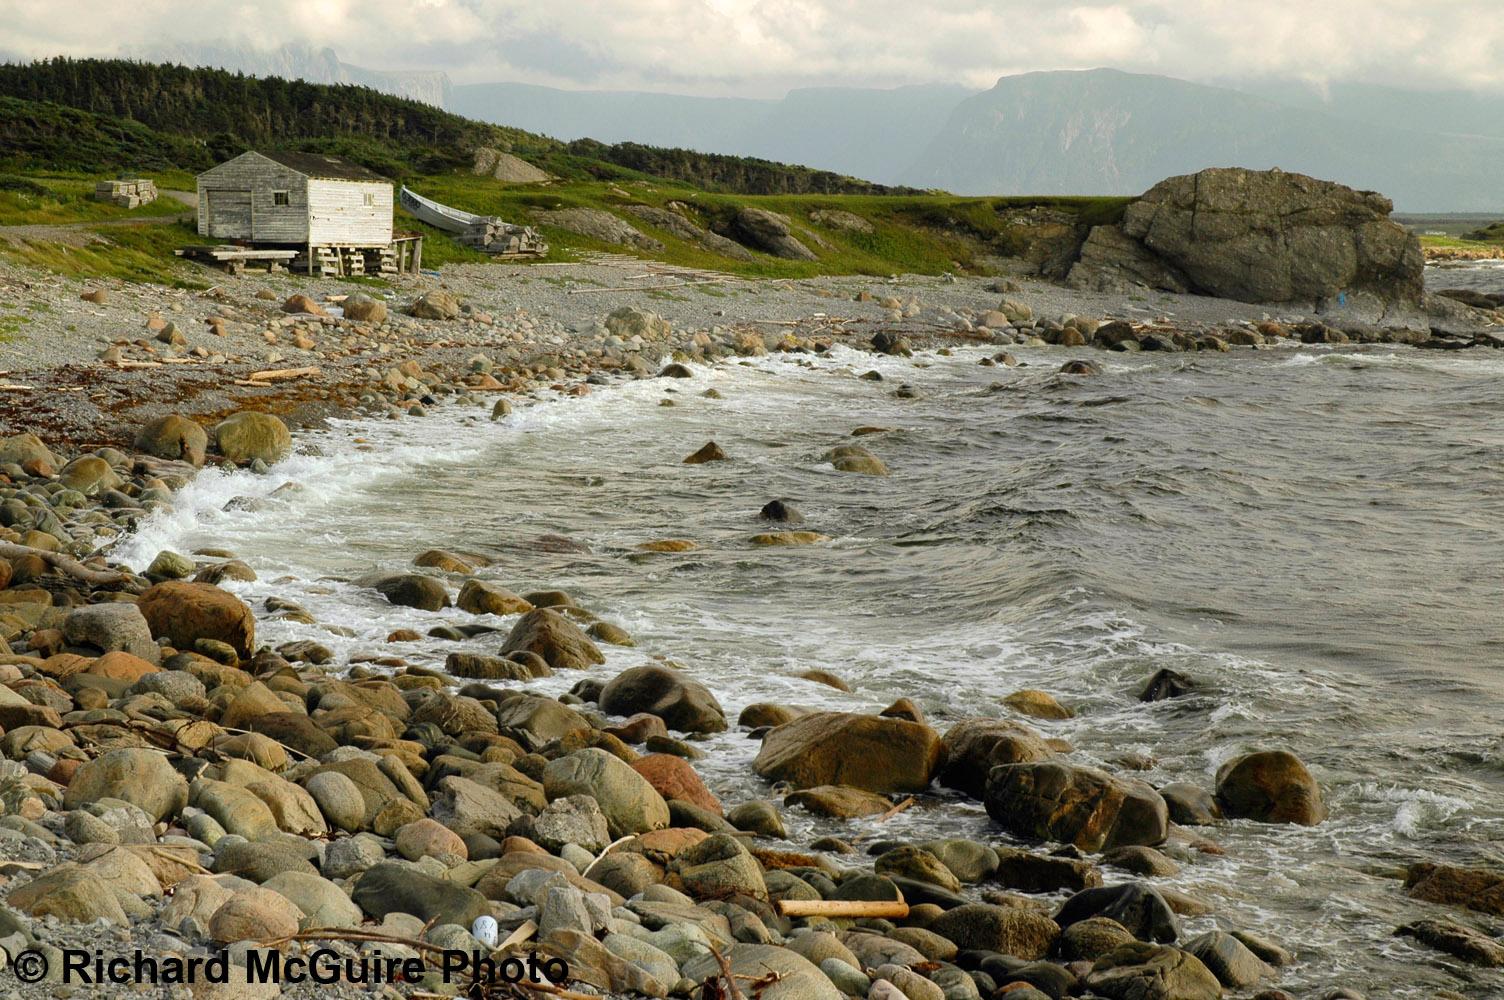 Broom Point, Gros Morne National Park, Newfoundland and Labrador